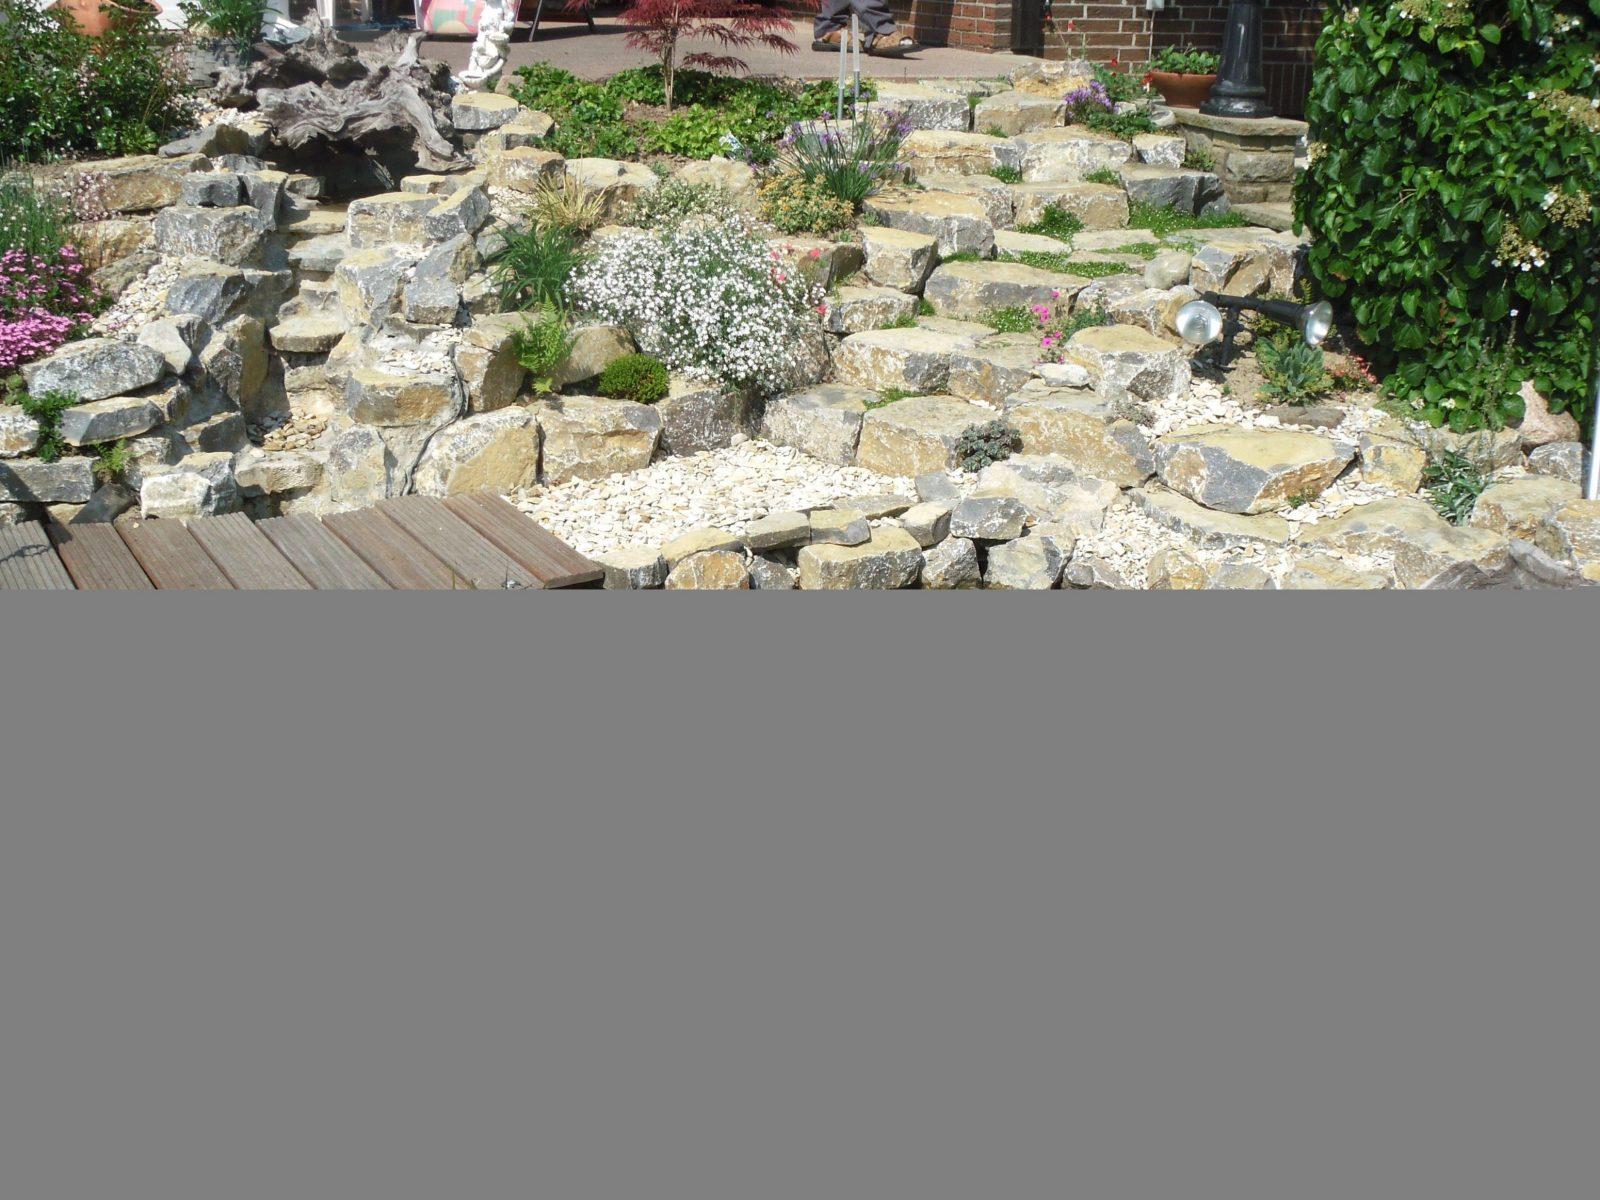 Schone Garten Mit Teich Gartenteich Bilder Von Gartenteiche Aus Kunststoff  Gebraucht Bild